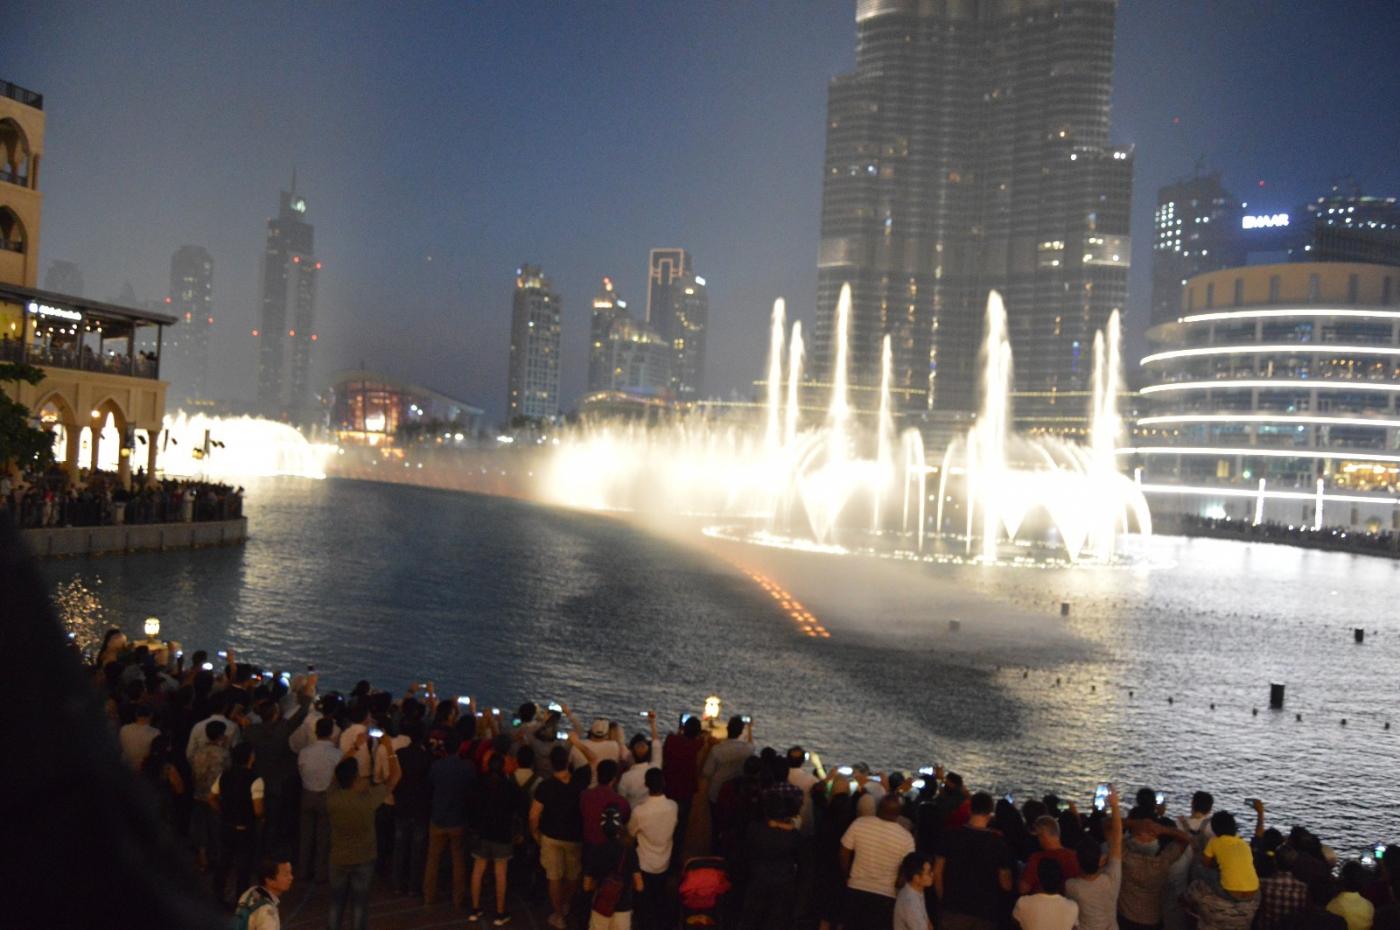 迪拜之哈利法塔_圖1-32